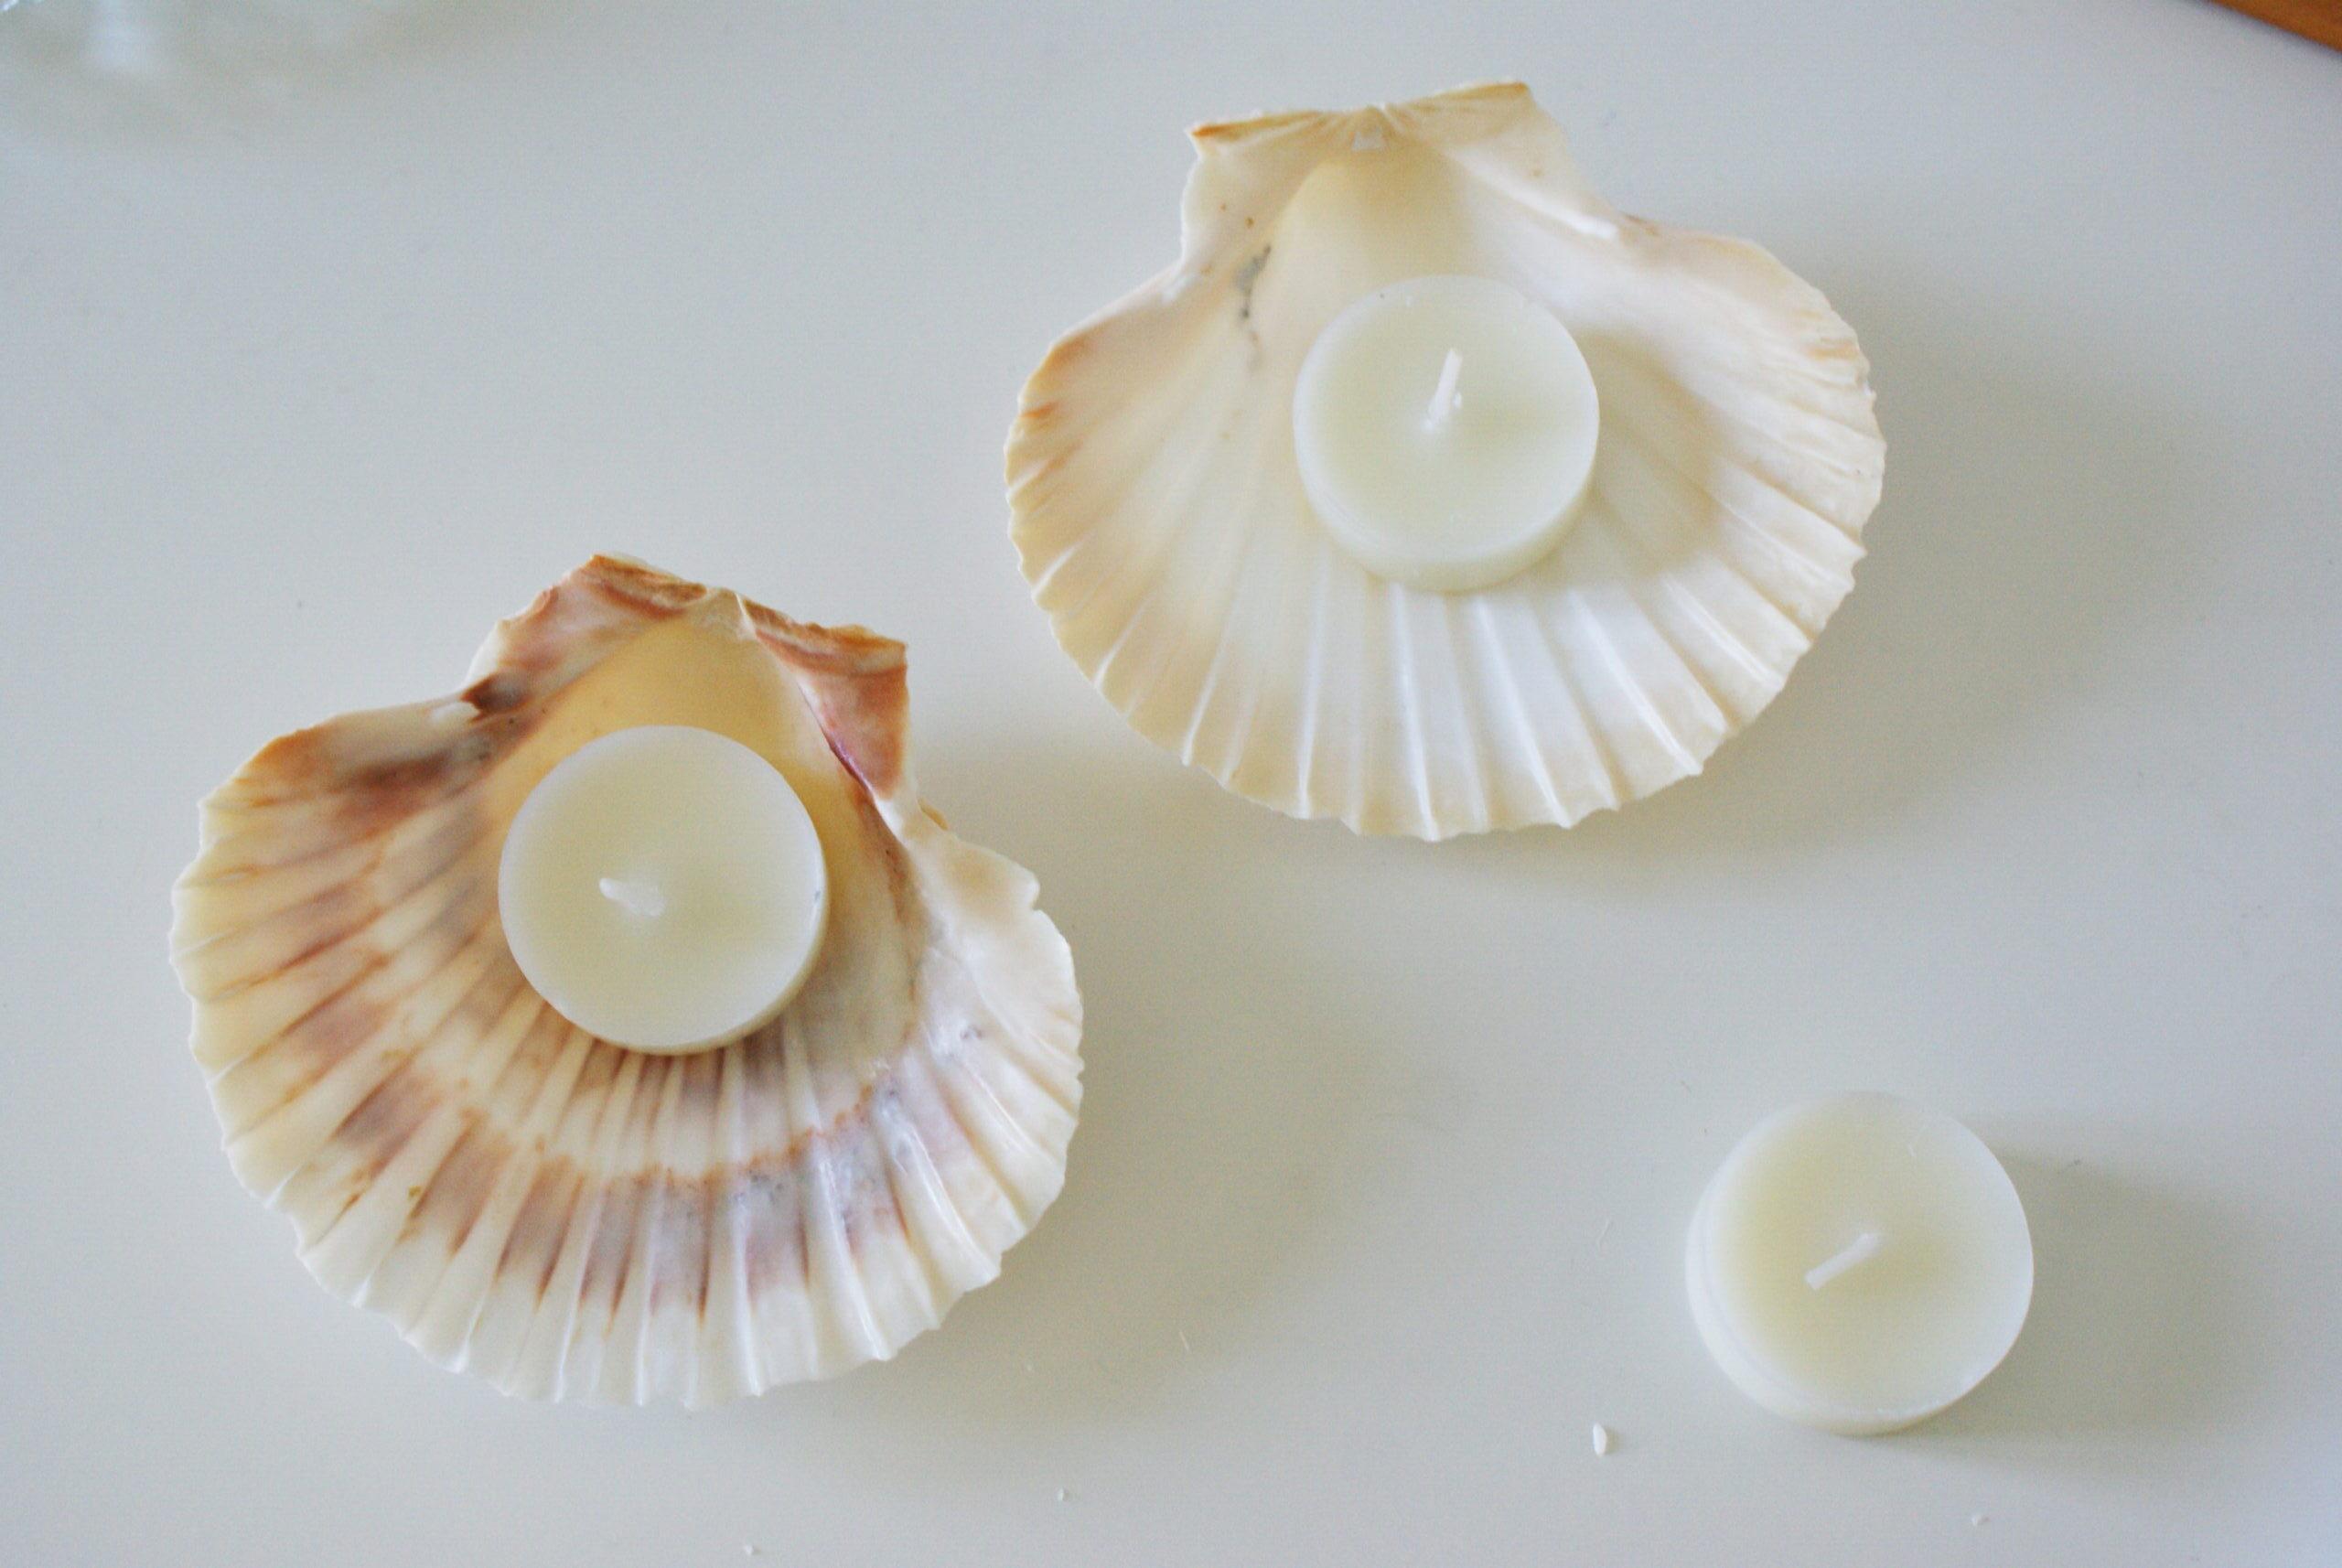 diy sea shell candles ultimate easy quick tutorial how make home decor aesthetic candele conchiglia conchiglie fai da te casa come fare